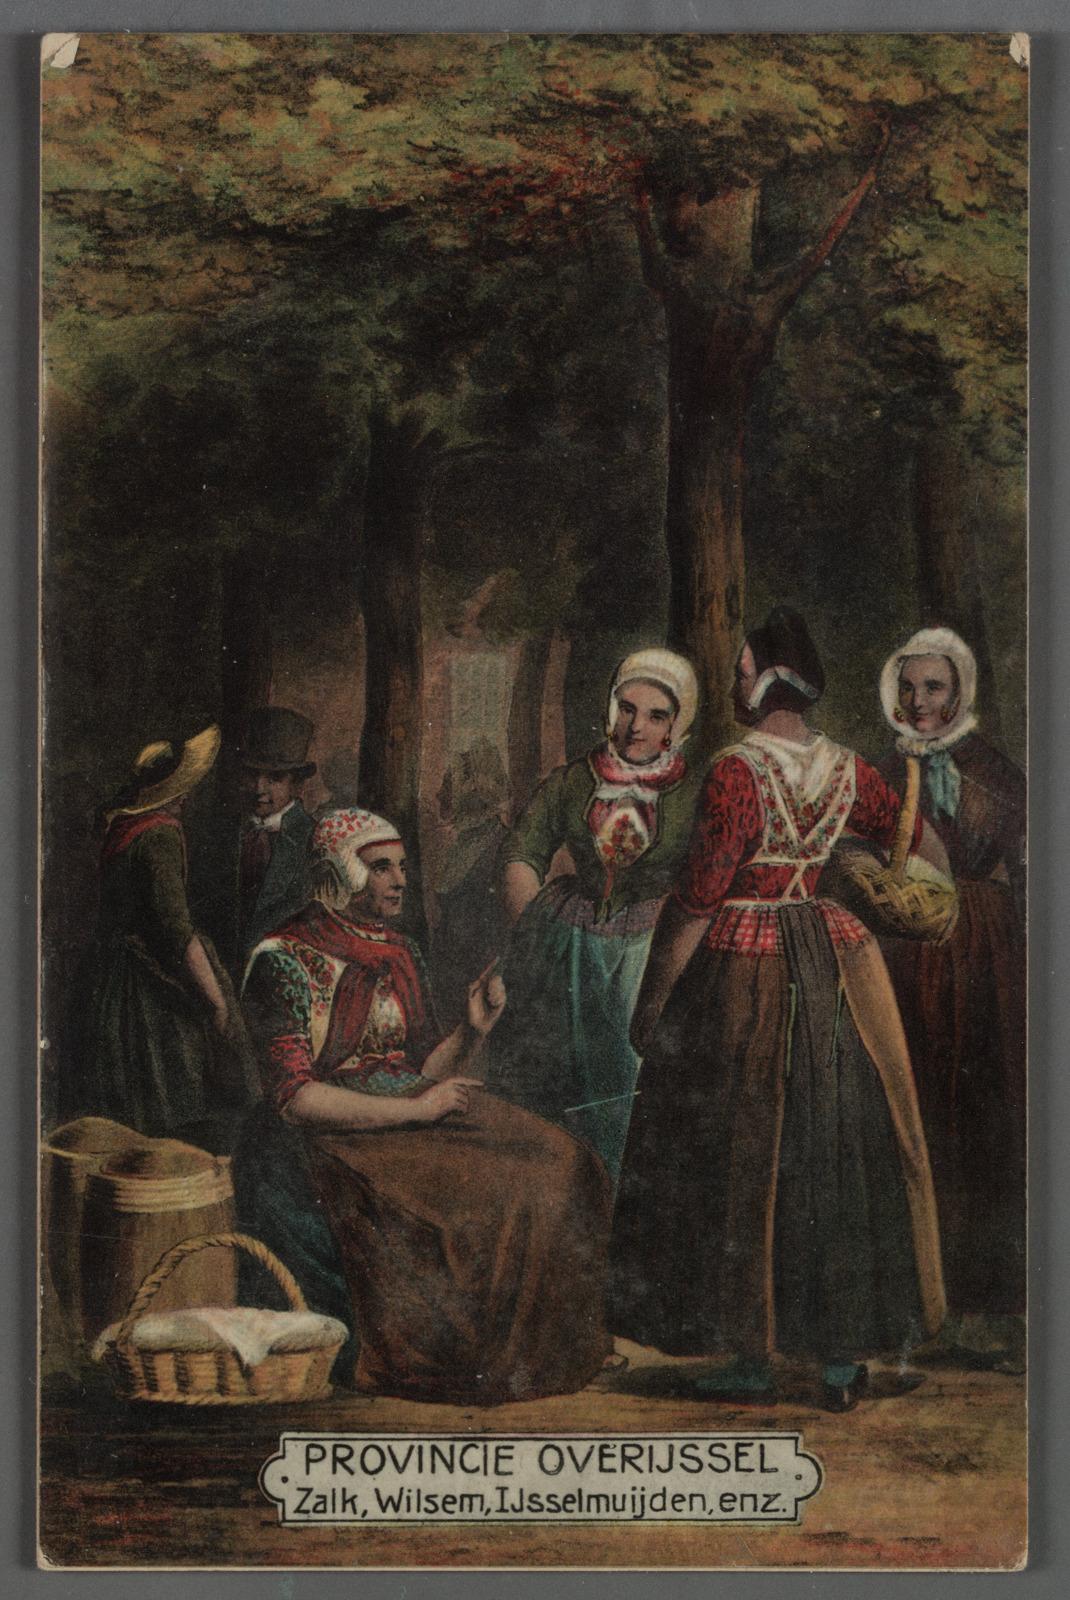 PROVINCIE OVERIJSSEL. Zalk, Wilsem, IJsselmuiden, enz. Vrouwen in dracht